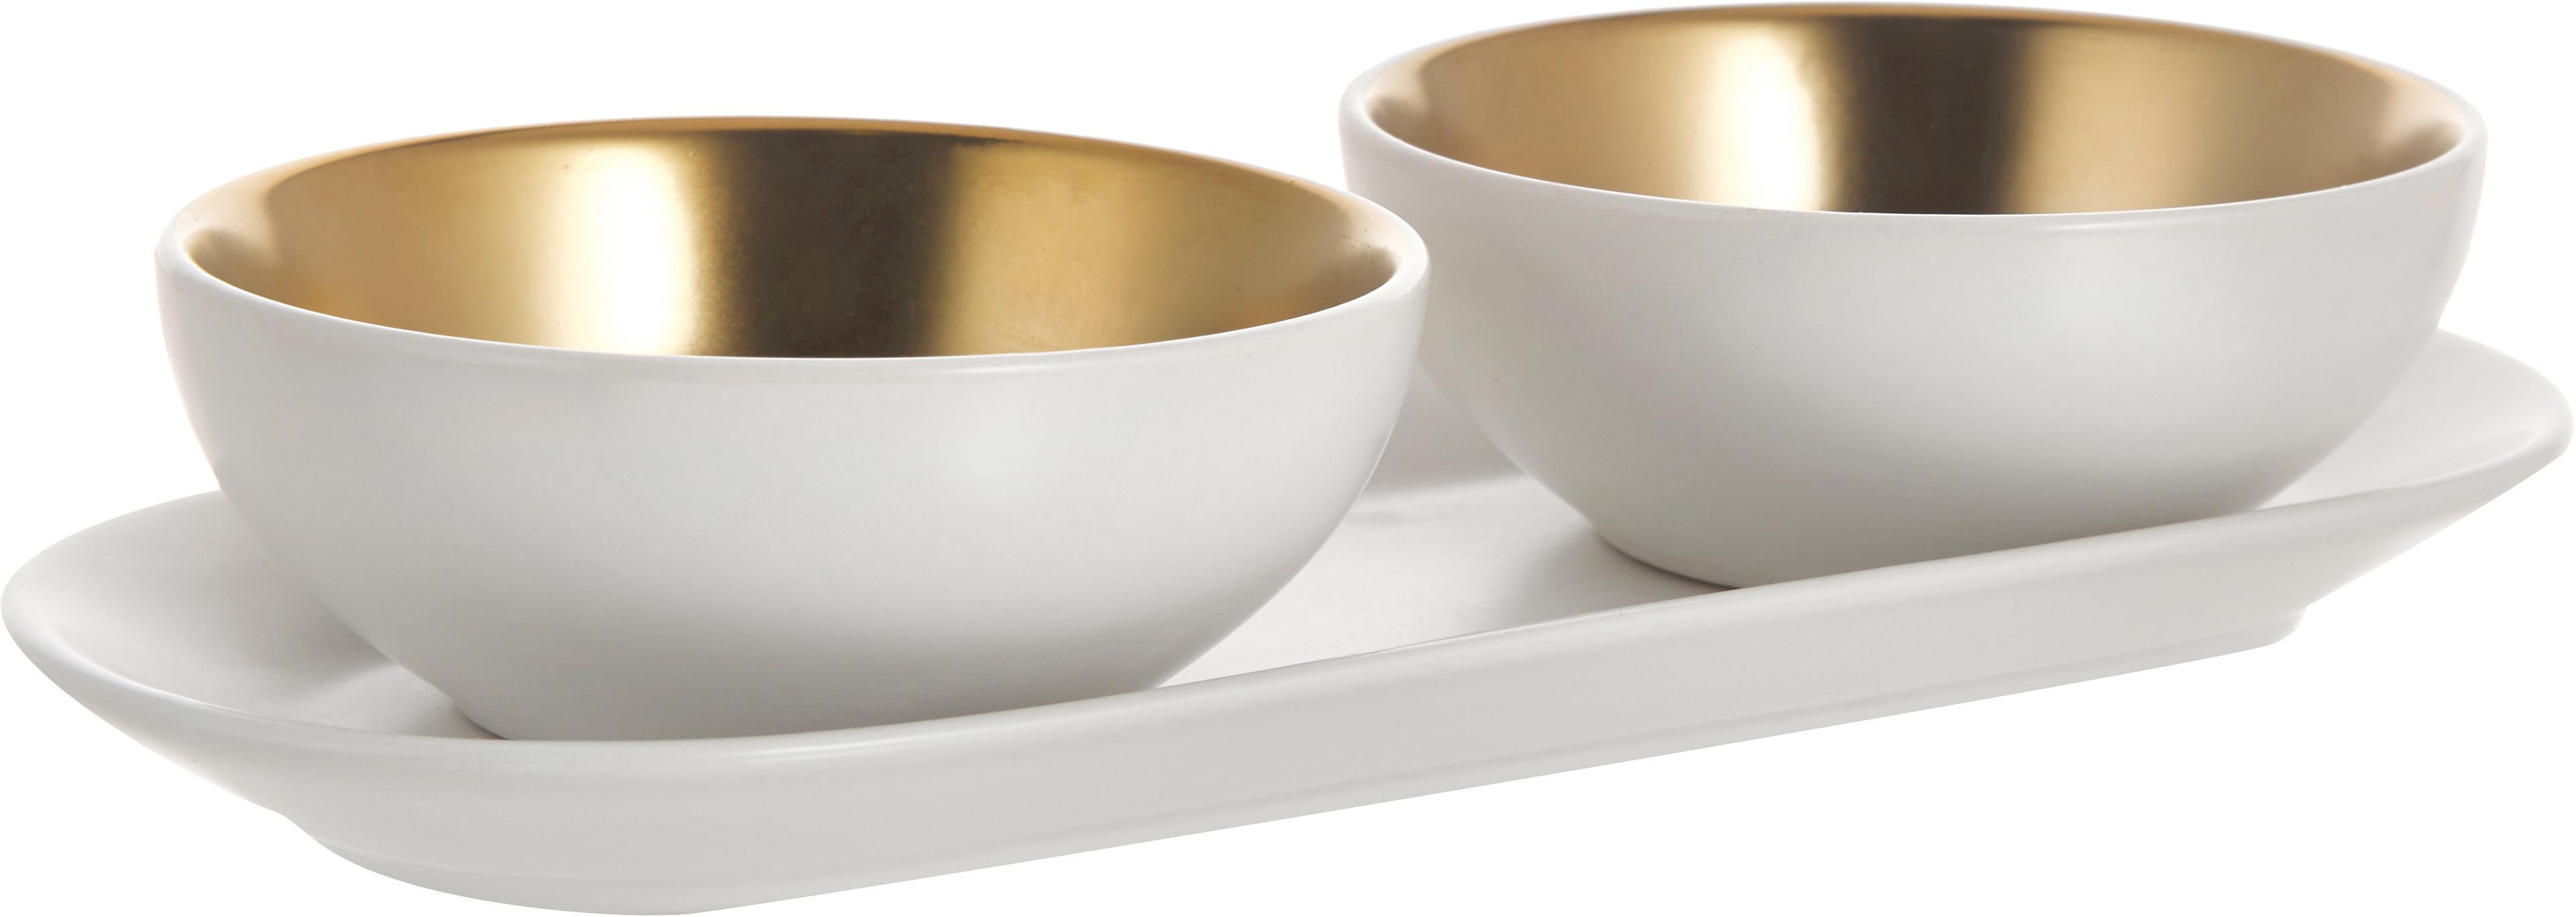 Set de cuencos Glitz, 3pzas., Gres, Blanco, dorado, Ø 10 x Al 4 cm